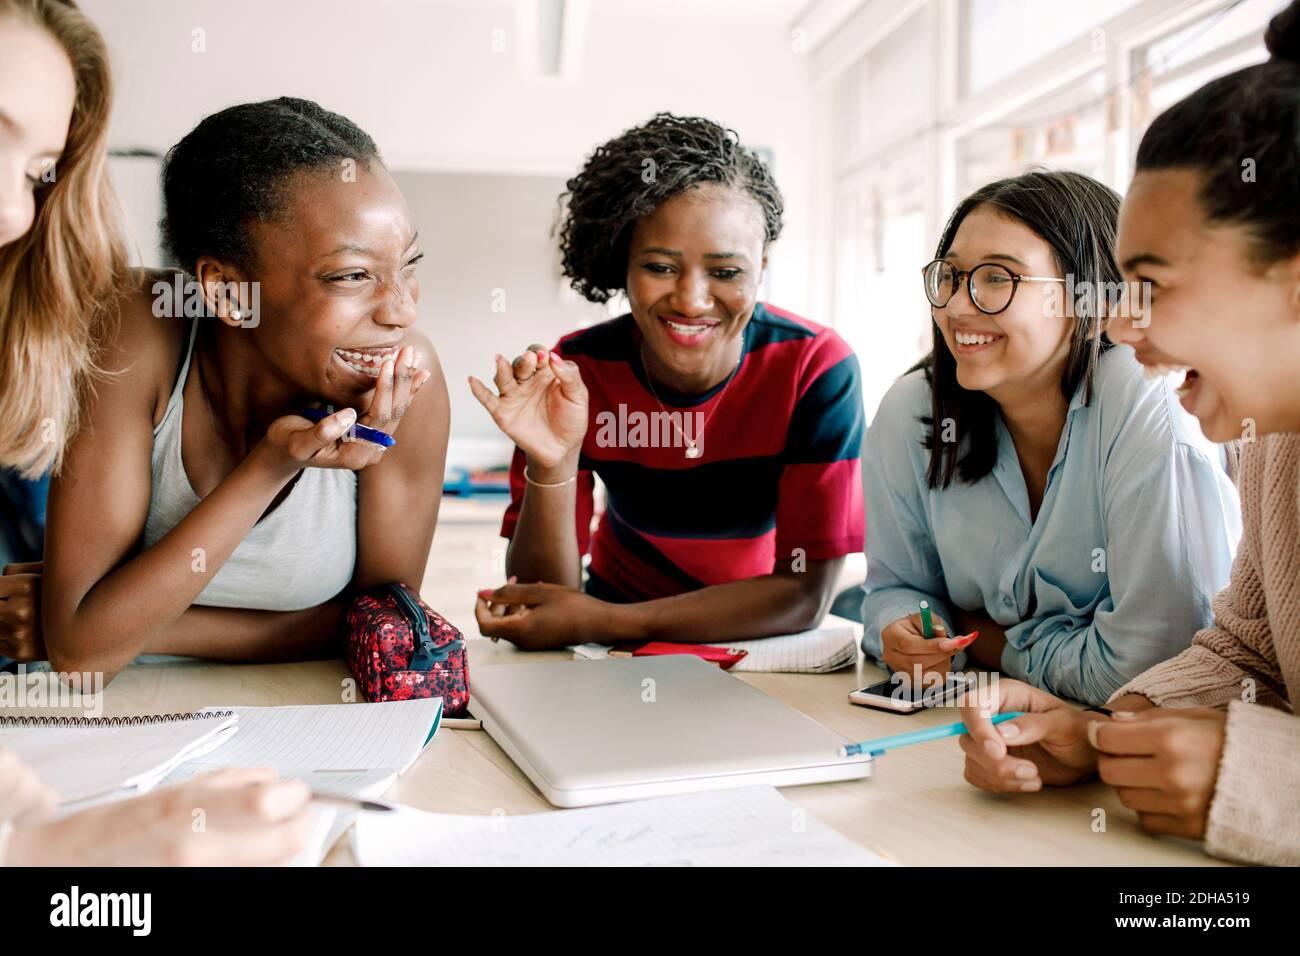 Un professeur souriant se fait le gai pendant que des étudiants sont assis à table salle de classe Banque D'Images